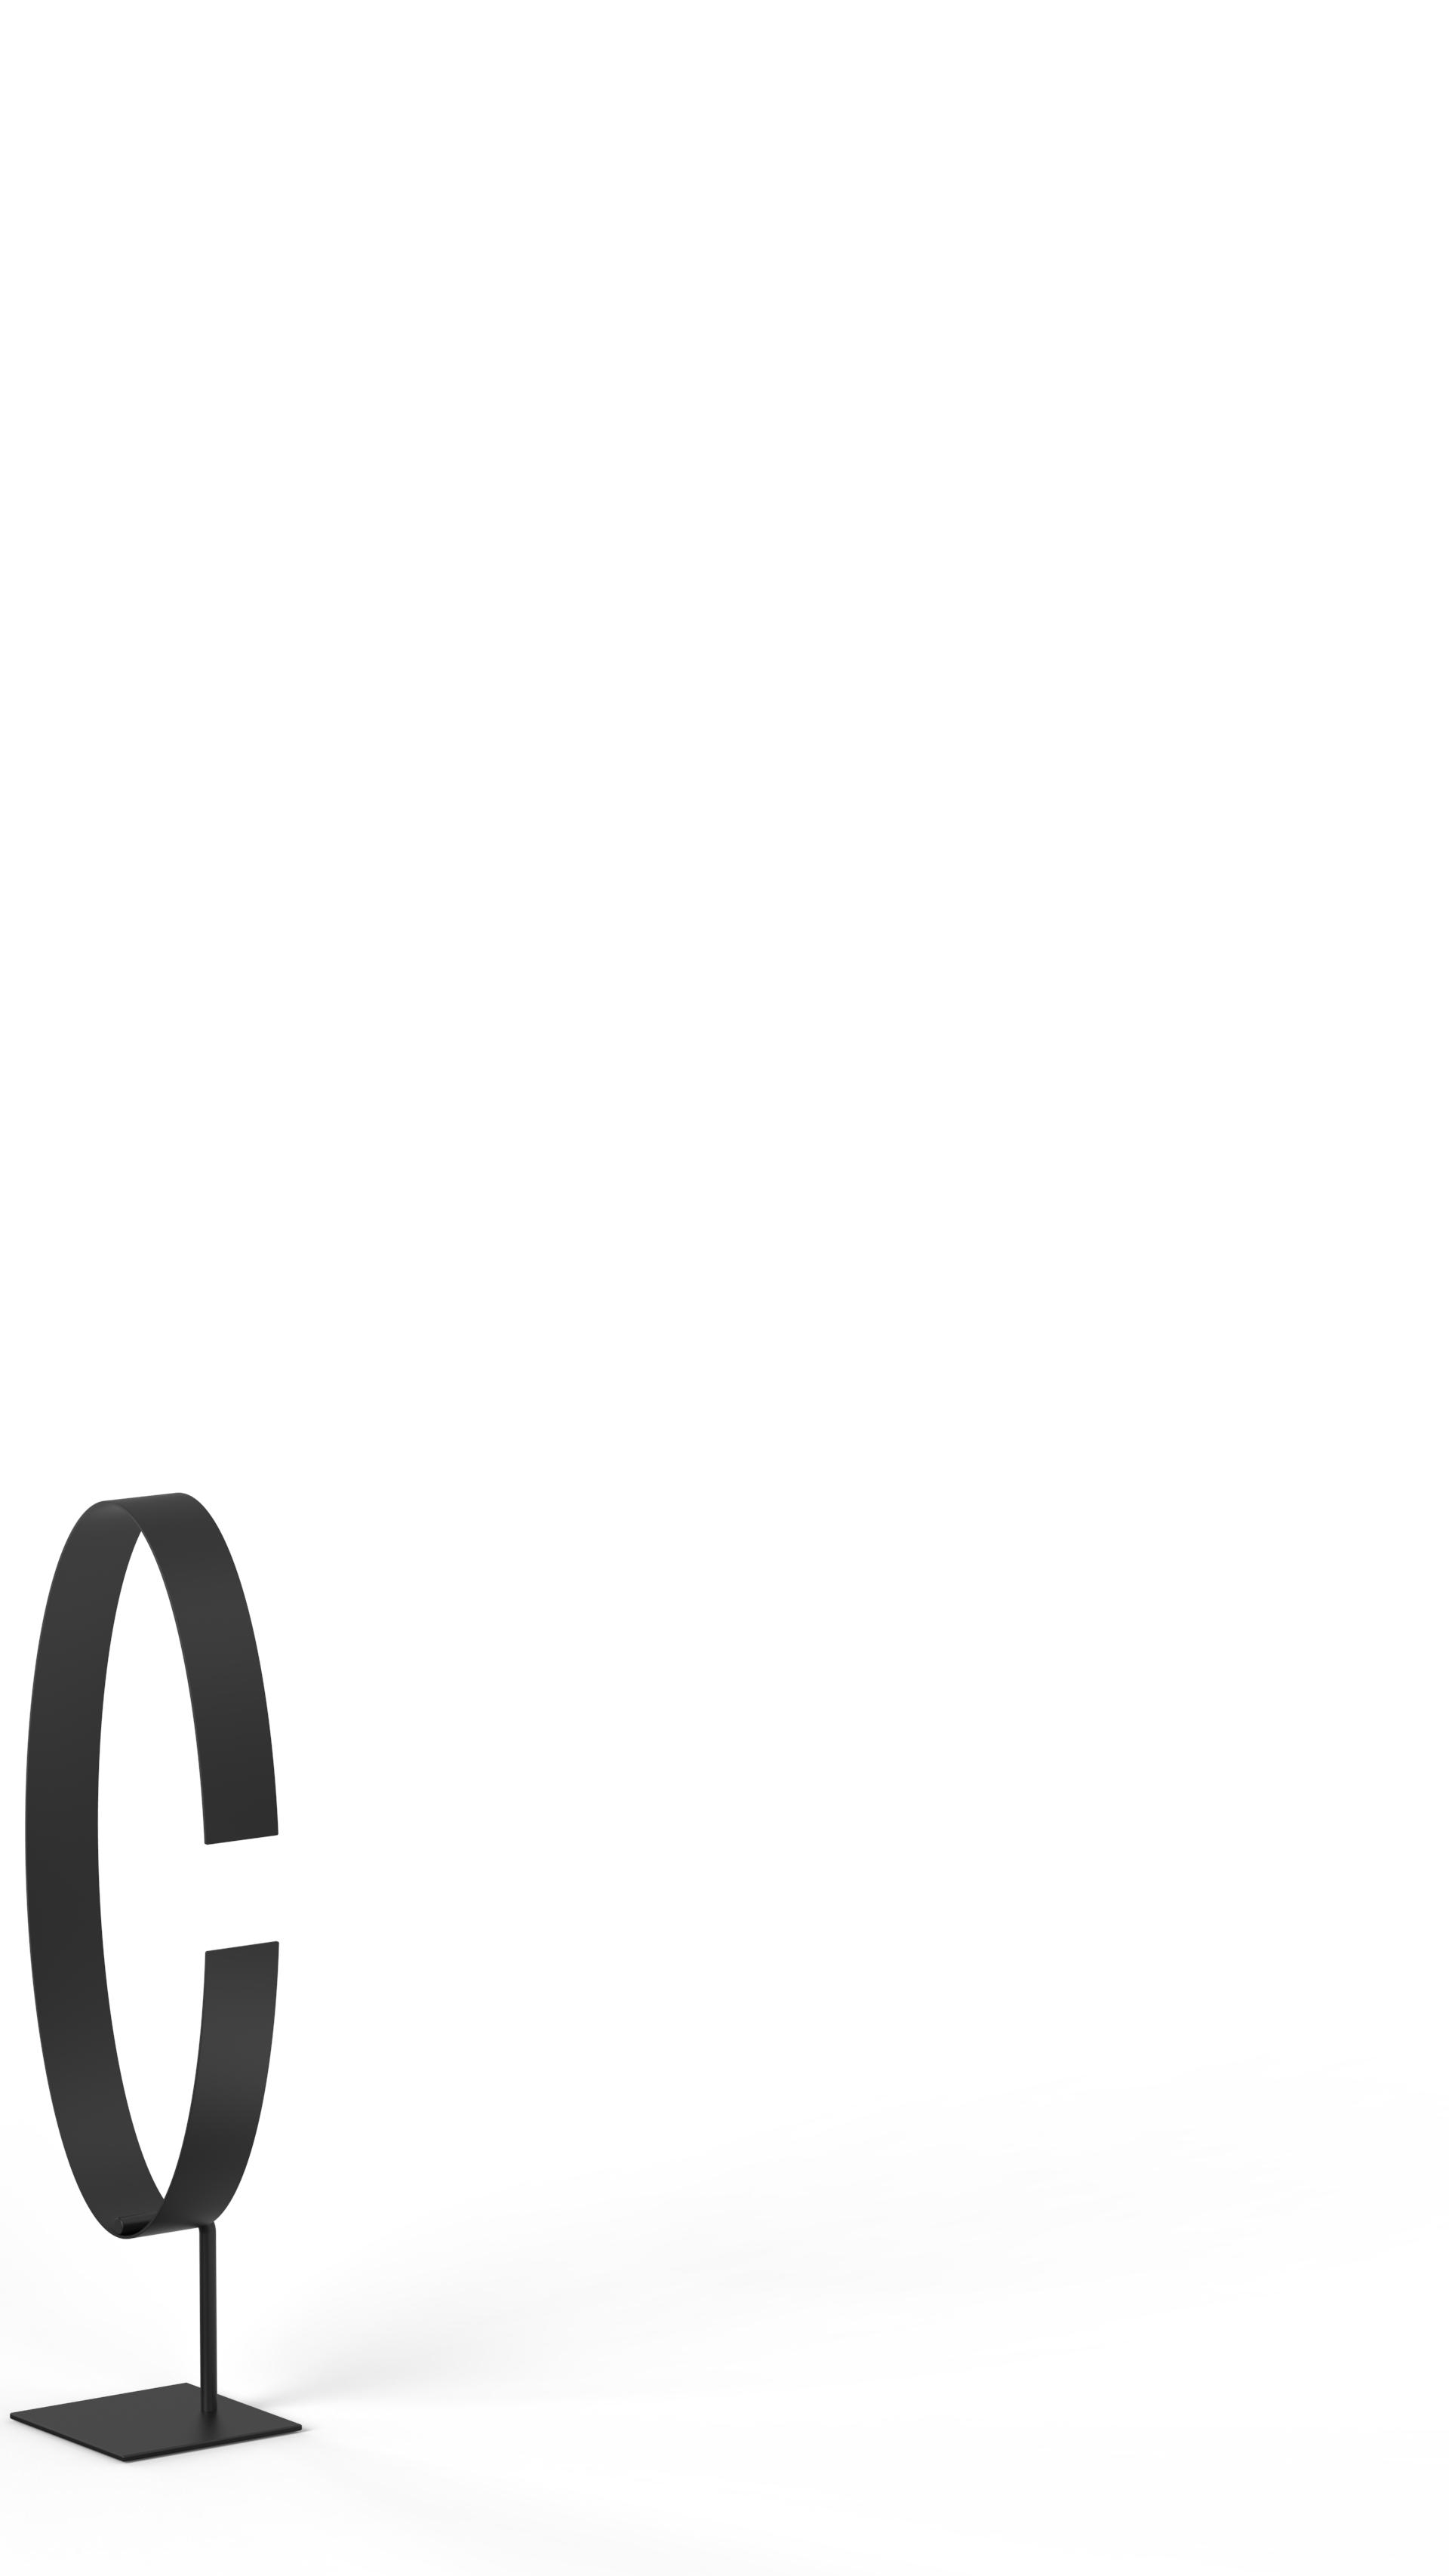 INITPCEI Présentoir pour ceinture SAINT-HONORÉ PARIS